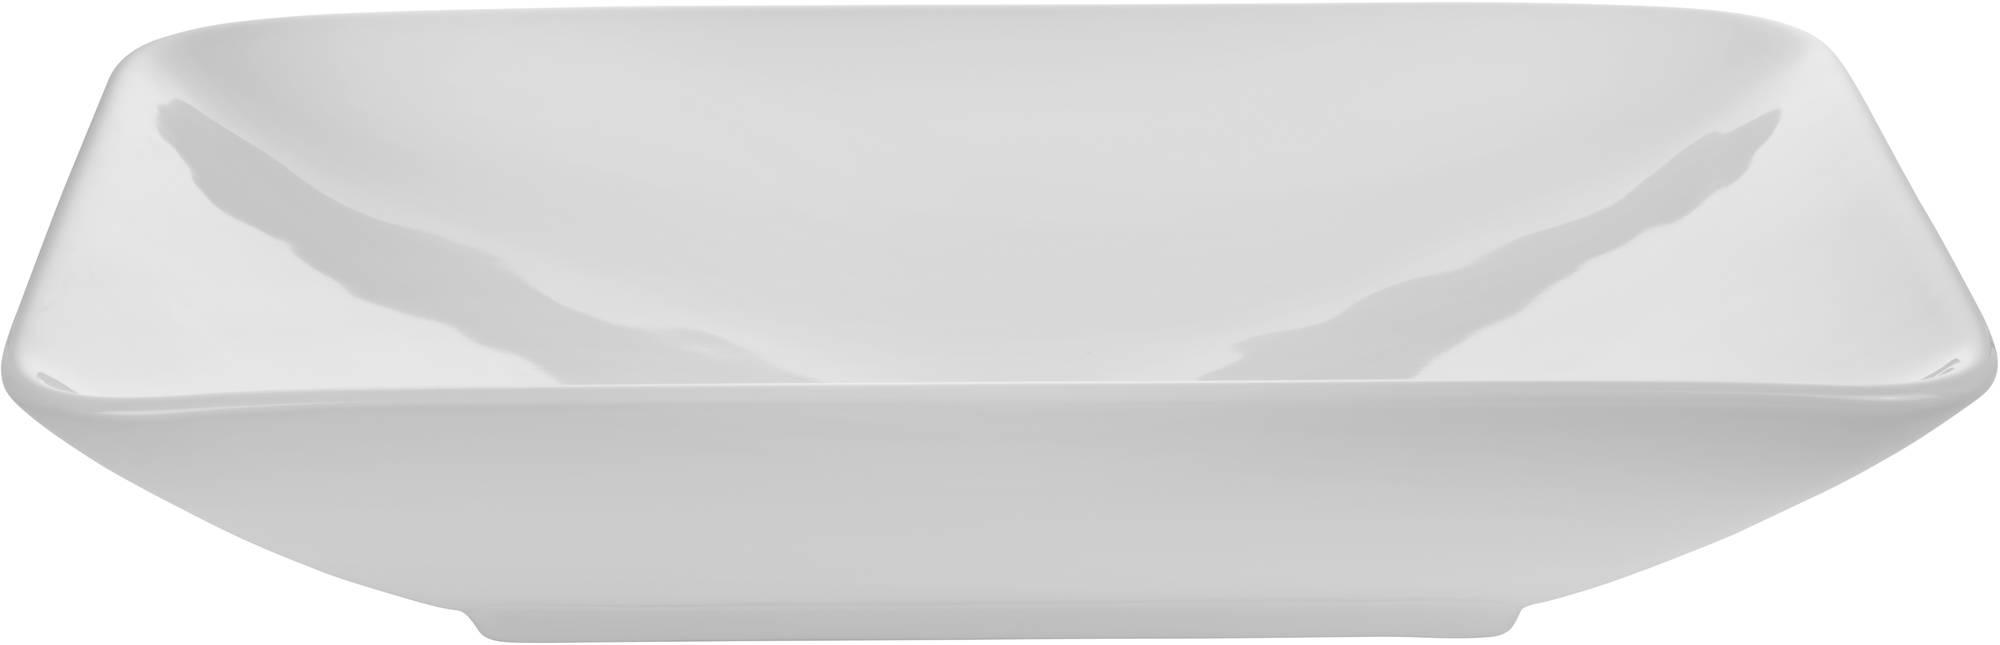 Saniselect Opzetkom 58x36x11,5 cm Mat Wit